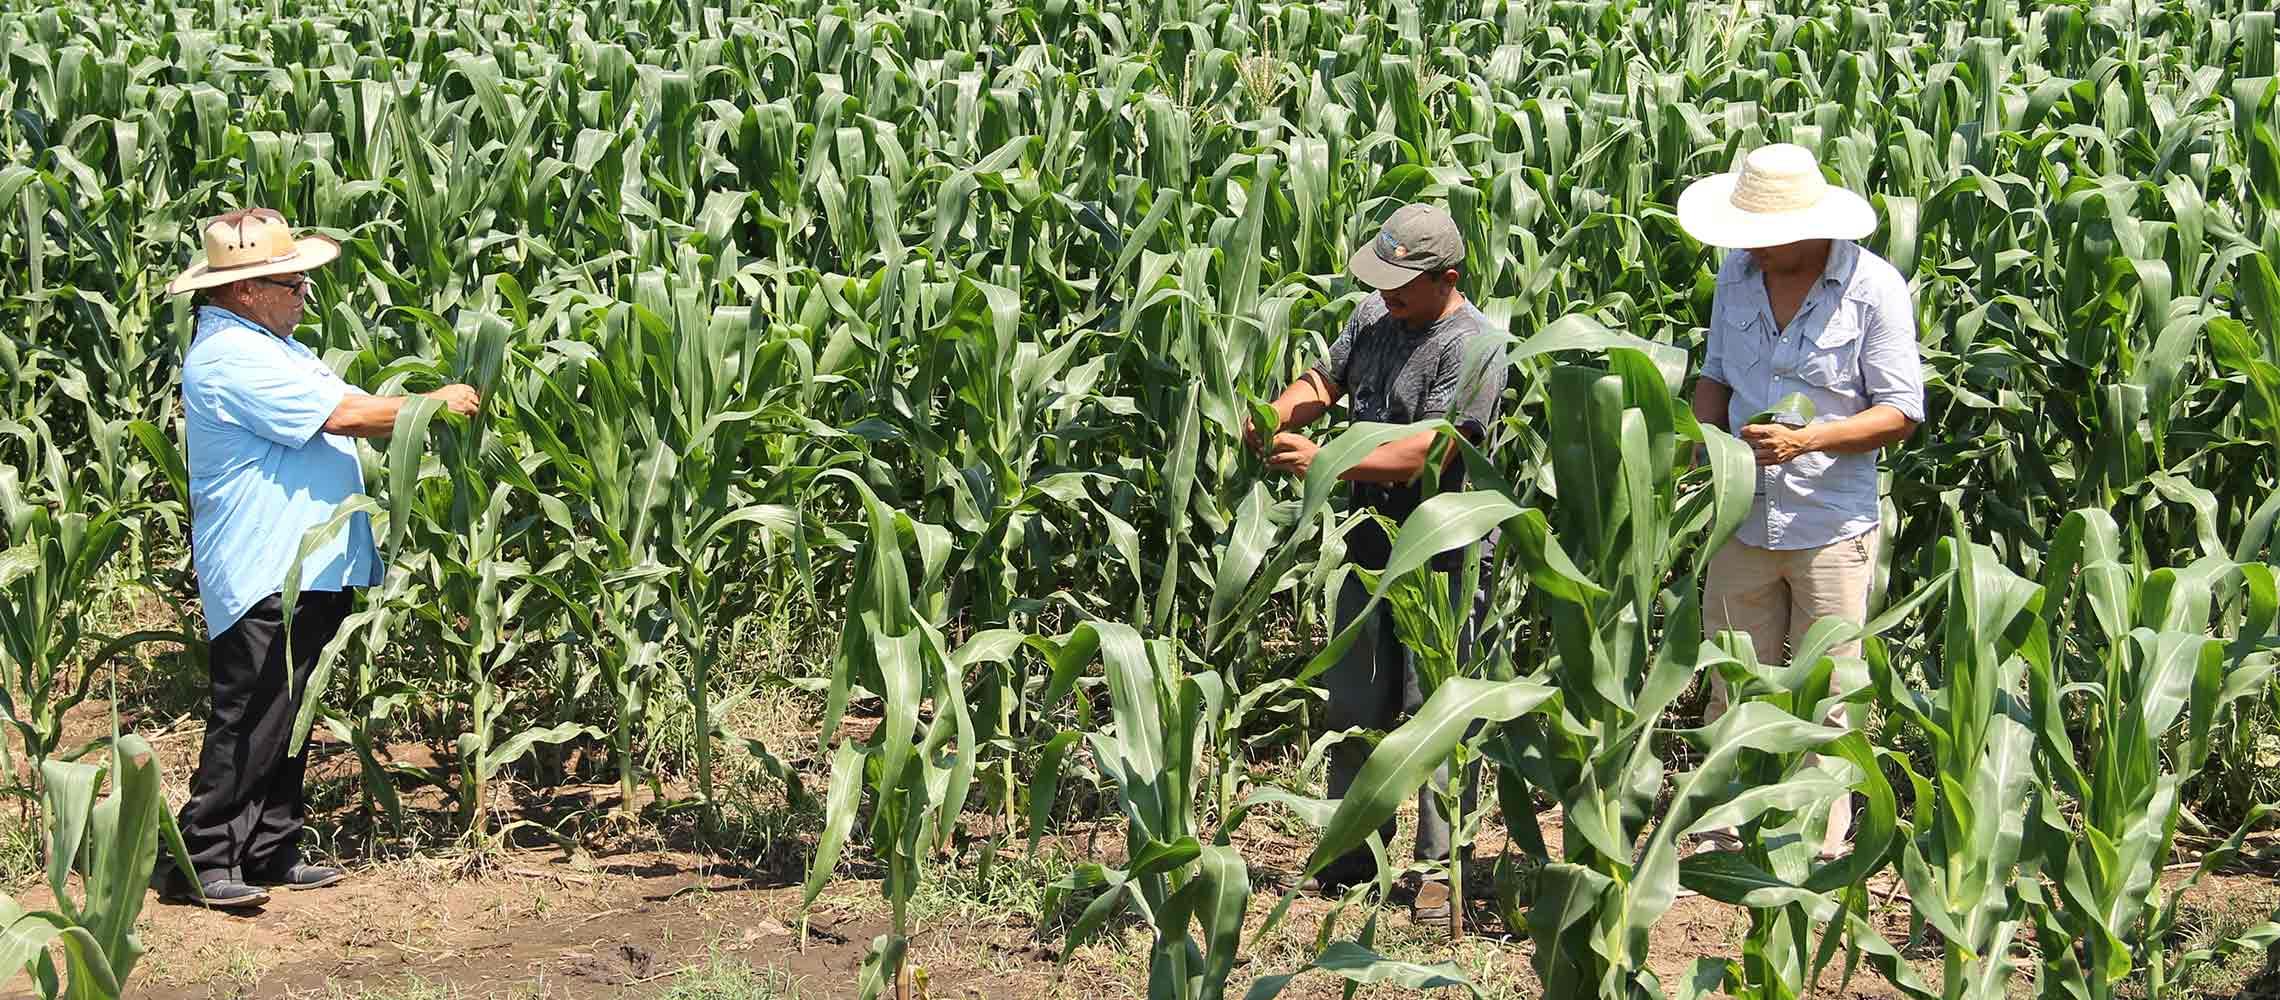 Desde el dia de ayer lunes, el MAG comenzó a distribuir Paquetes Agrícolas en el Occidente de El territorio Salvadoreño